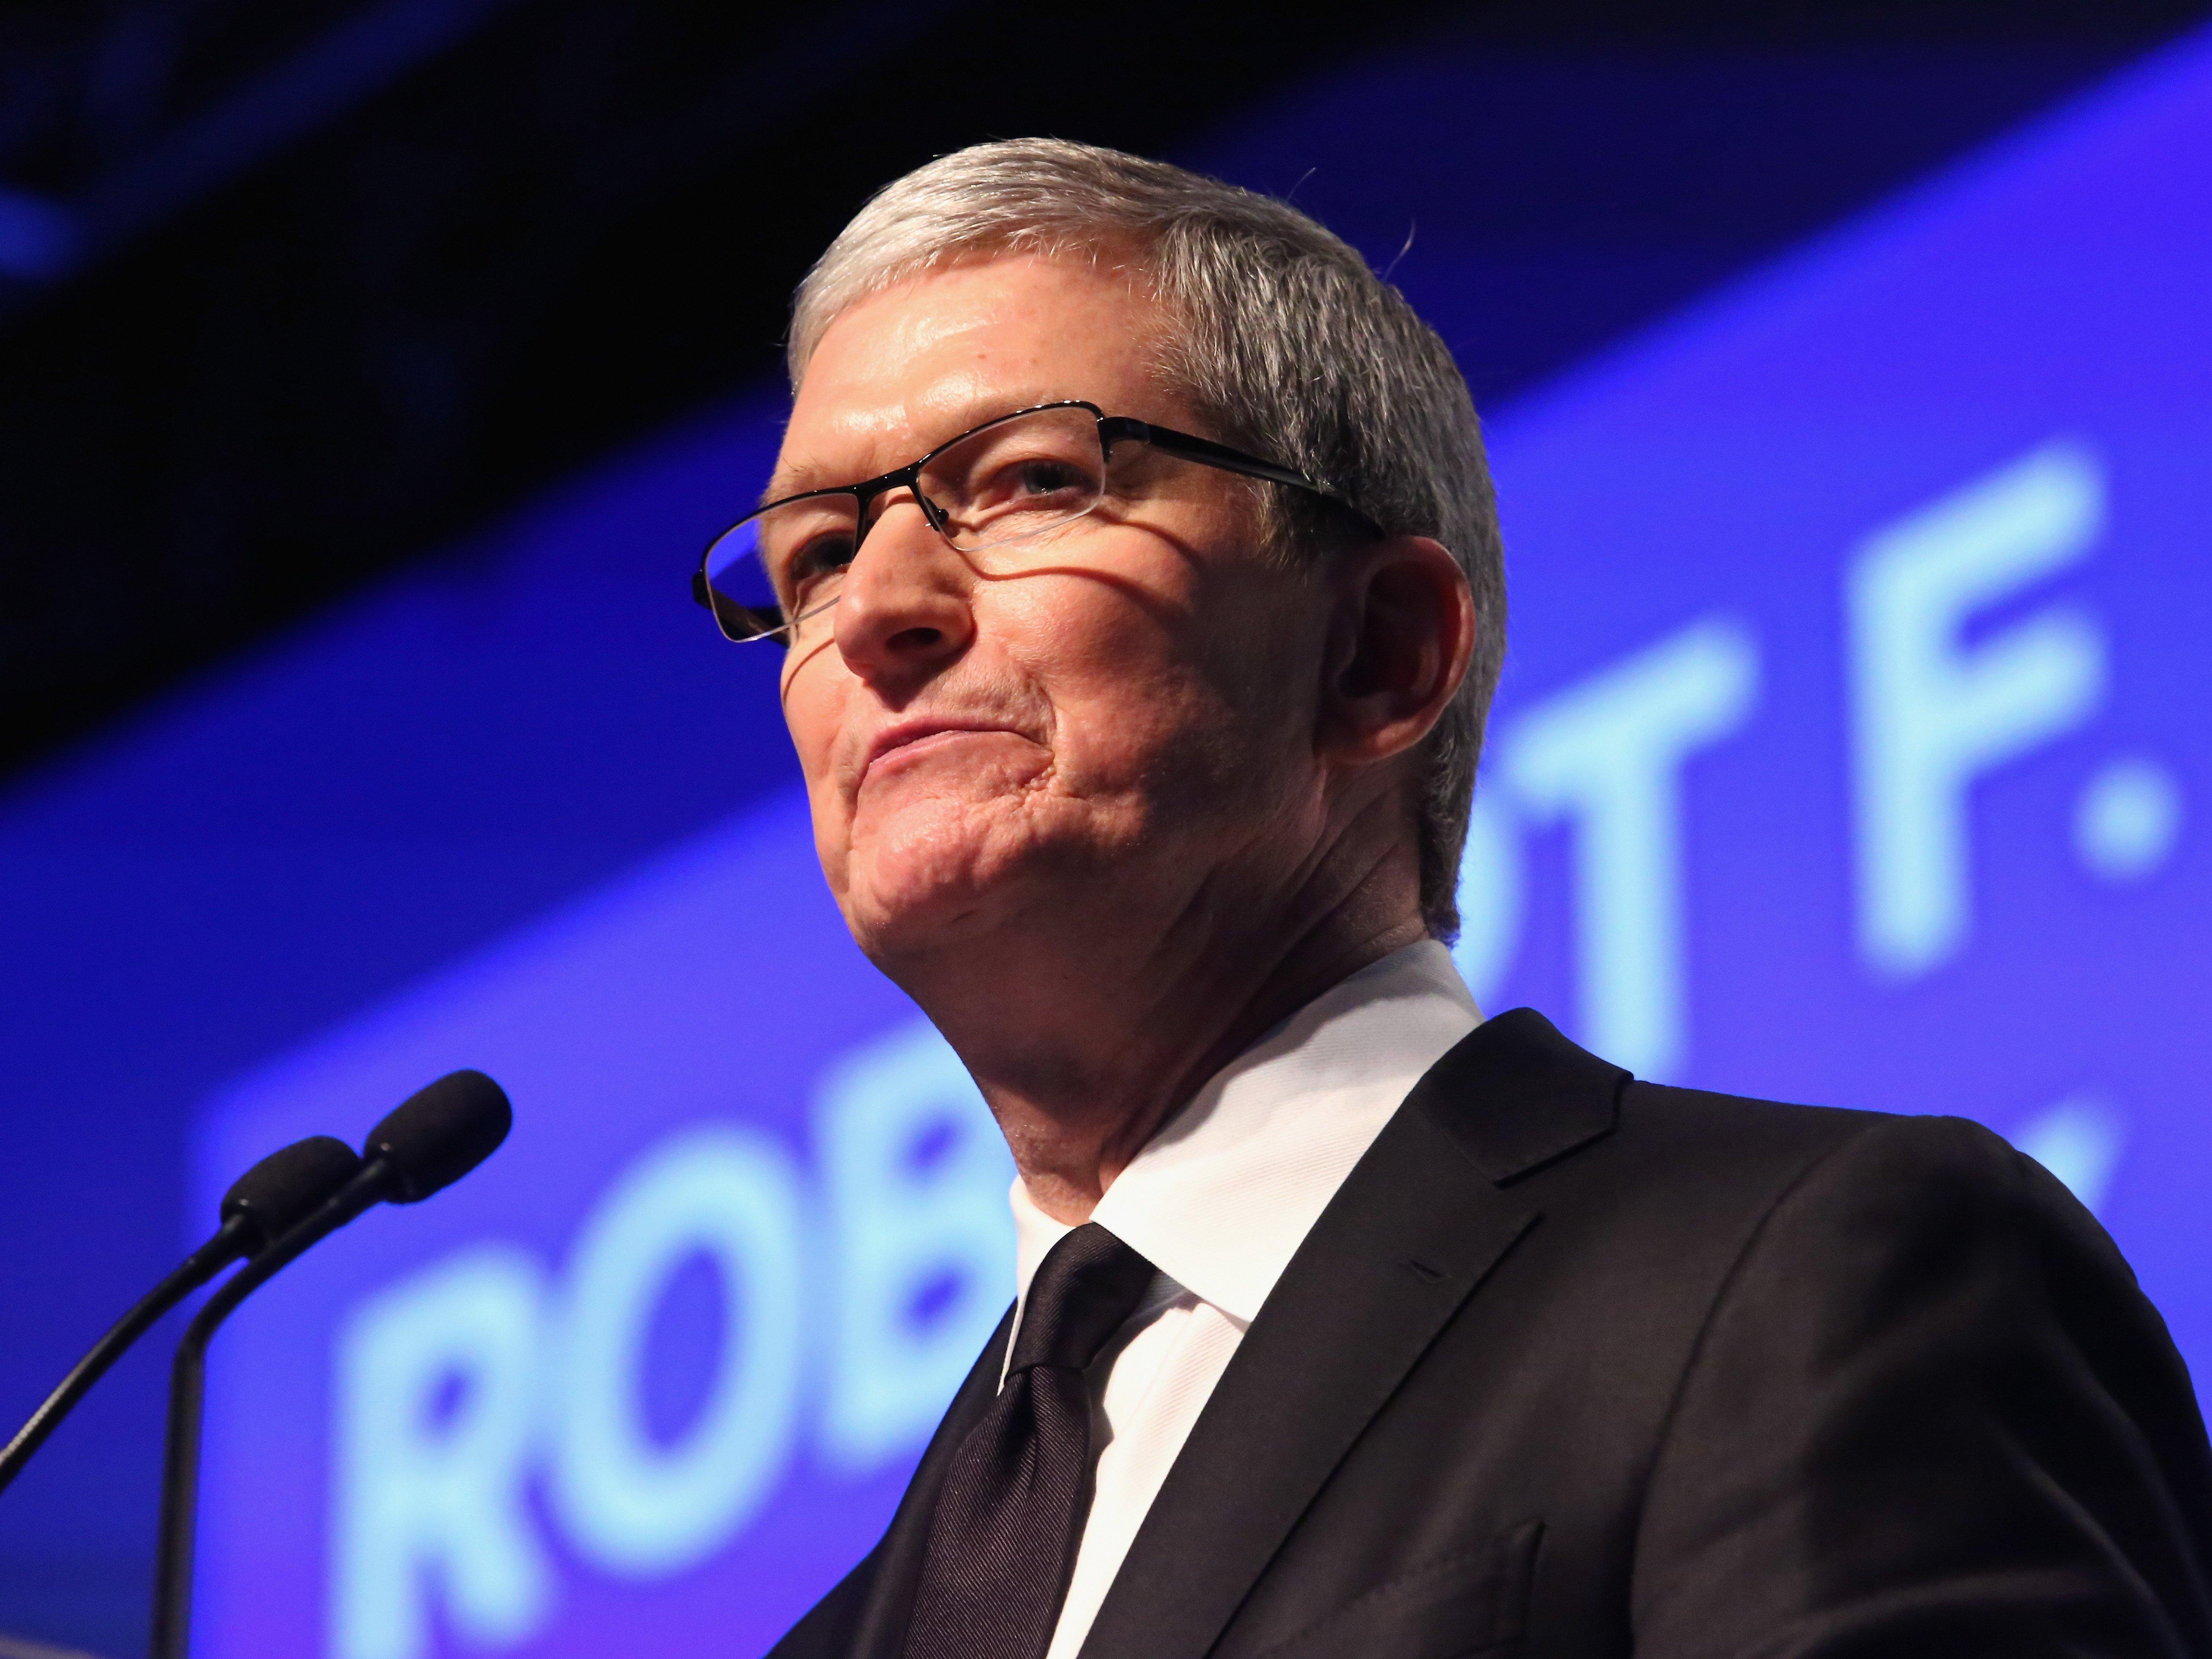 تیم کوک: اپل تا آخرین دلار مالیاتش را پرداخت خواهد کرد